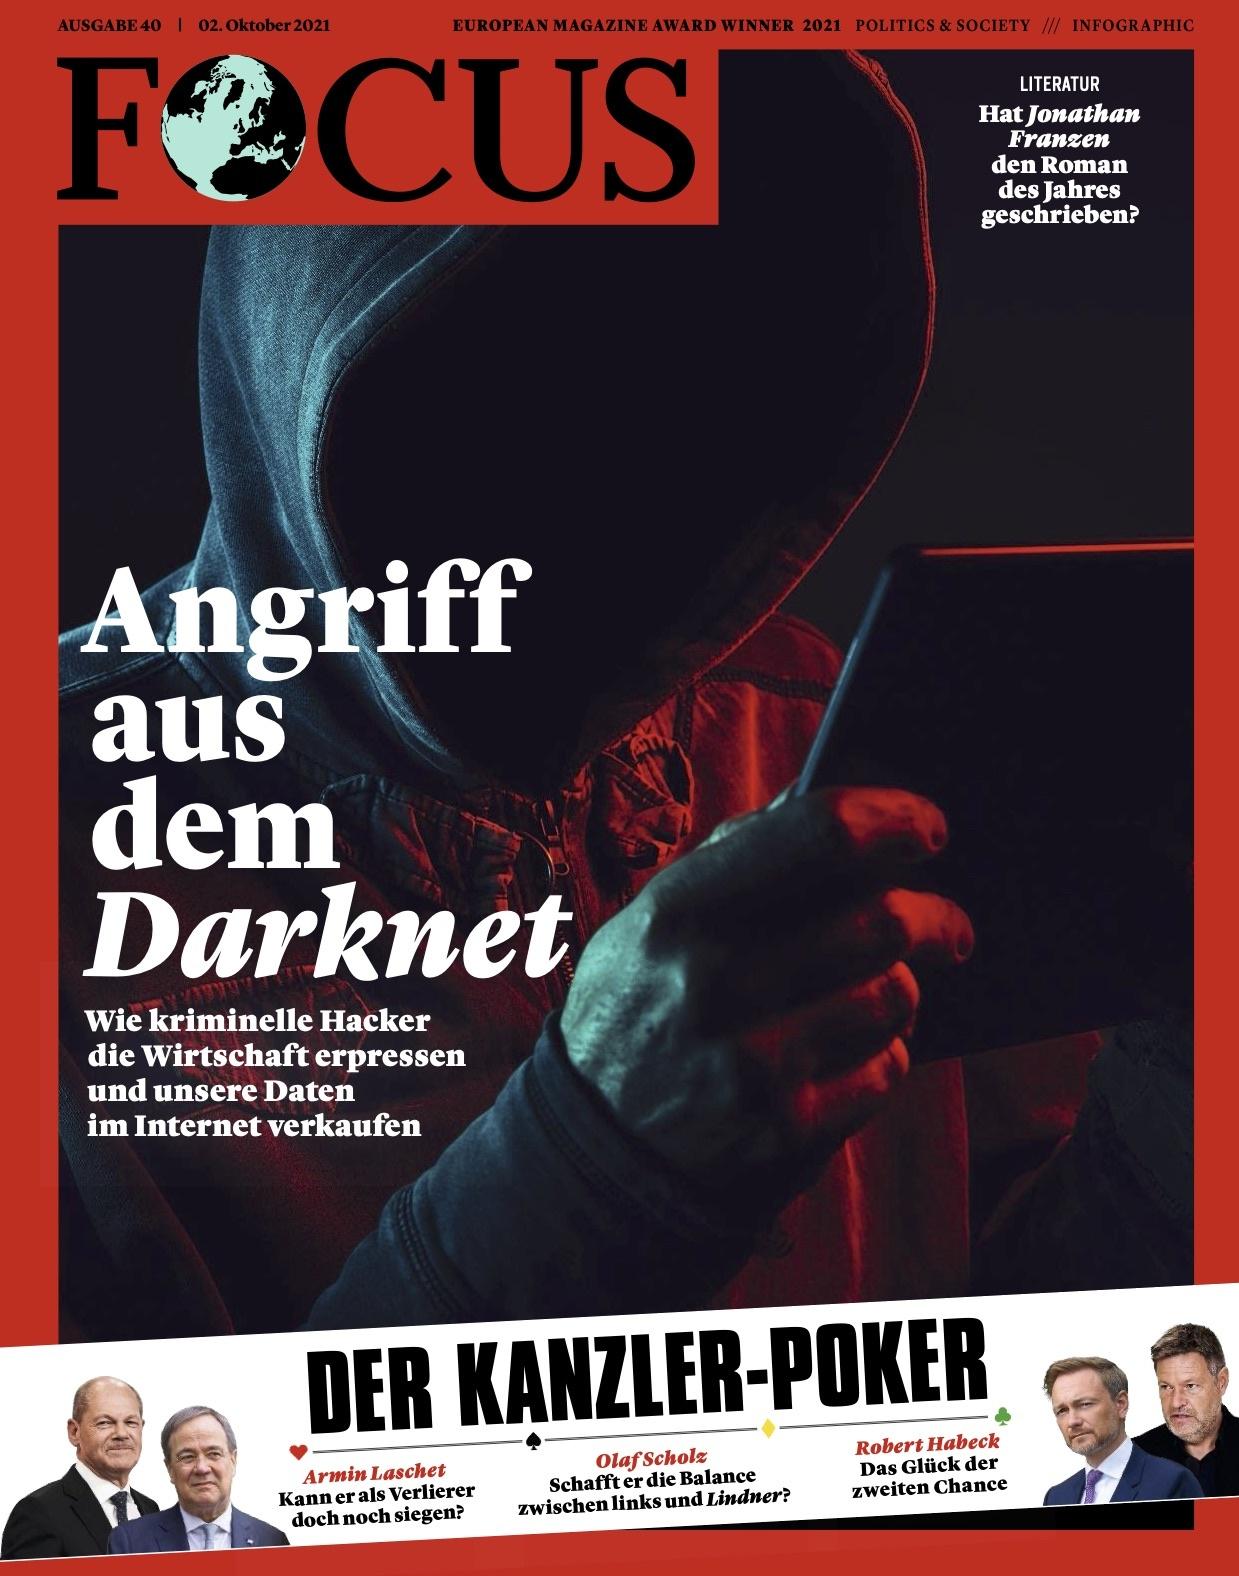 FOCUS Magazin FOCUS Magazin - Angriff aus dem Darknet